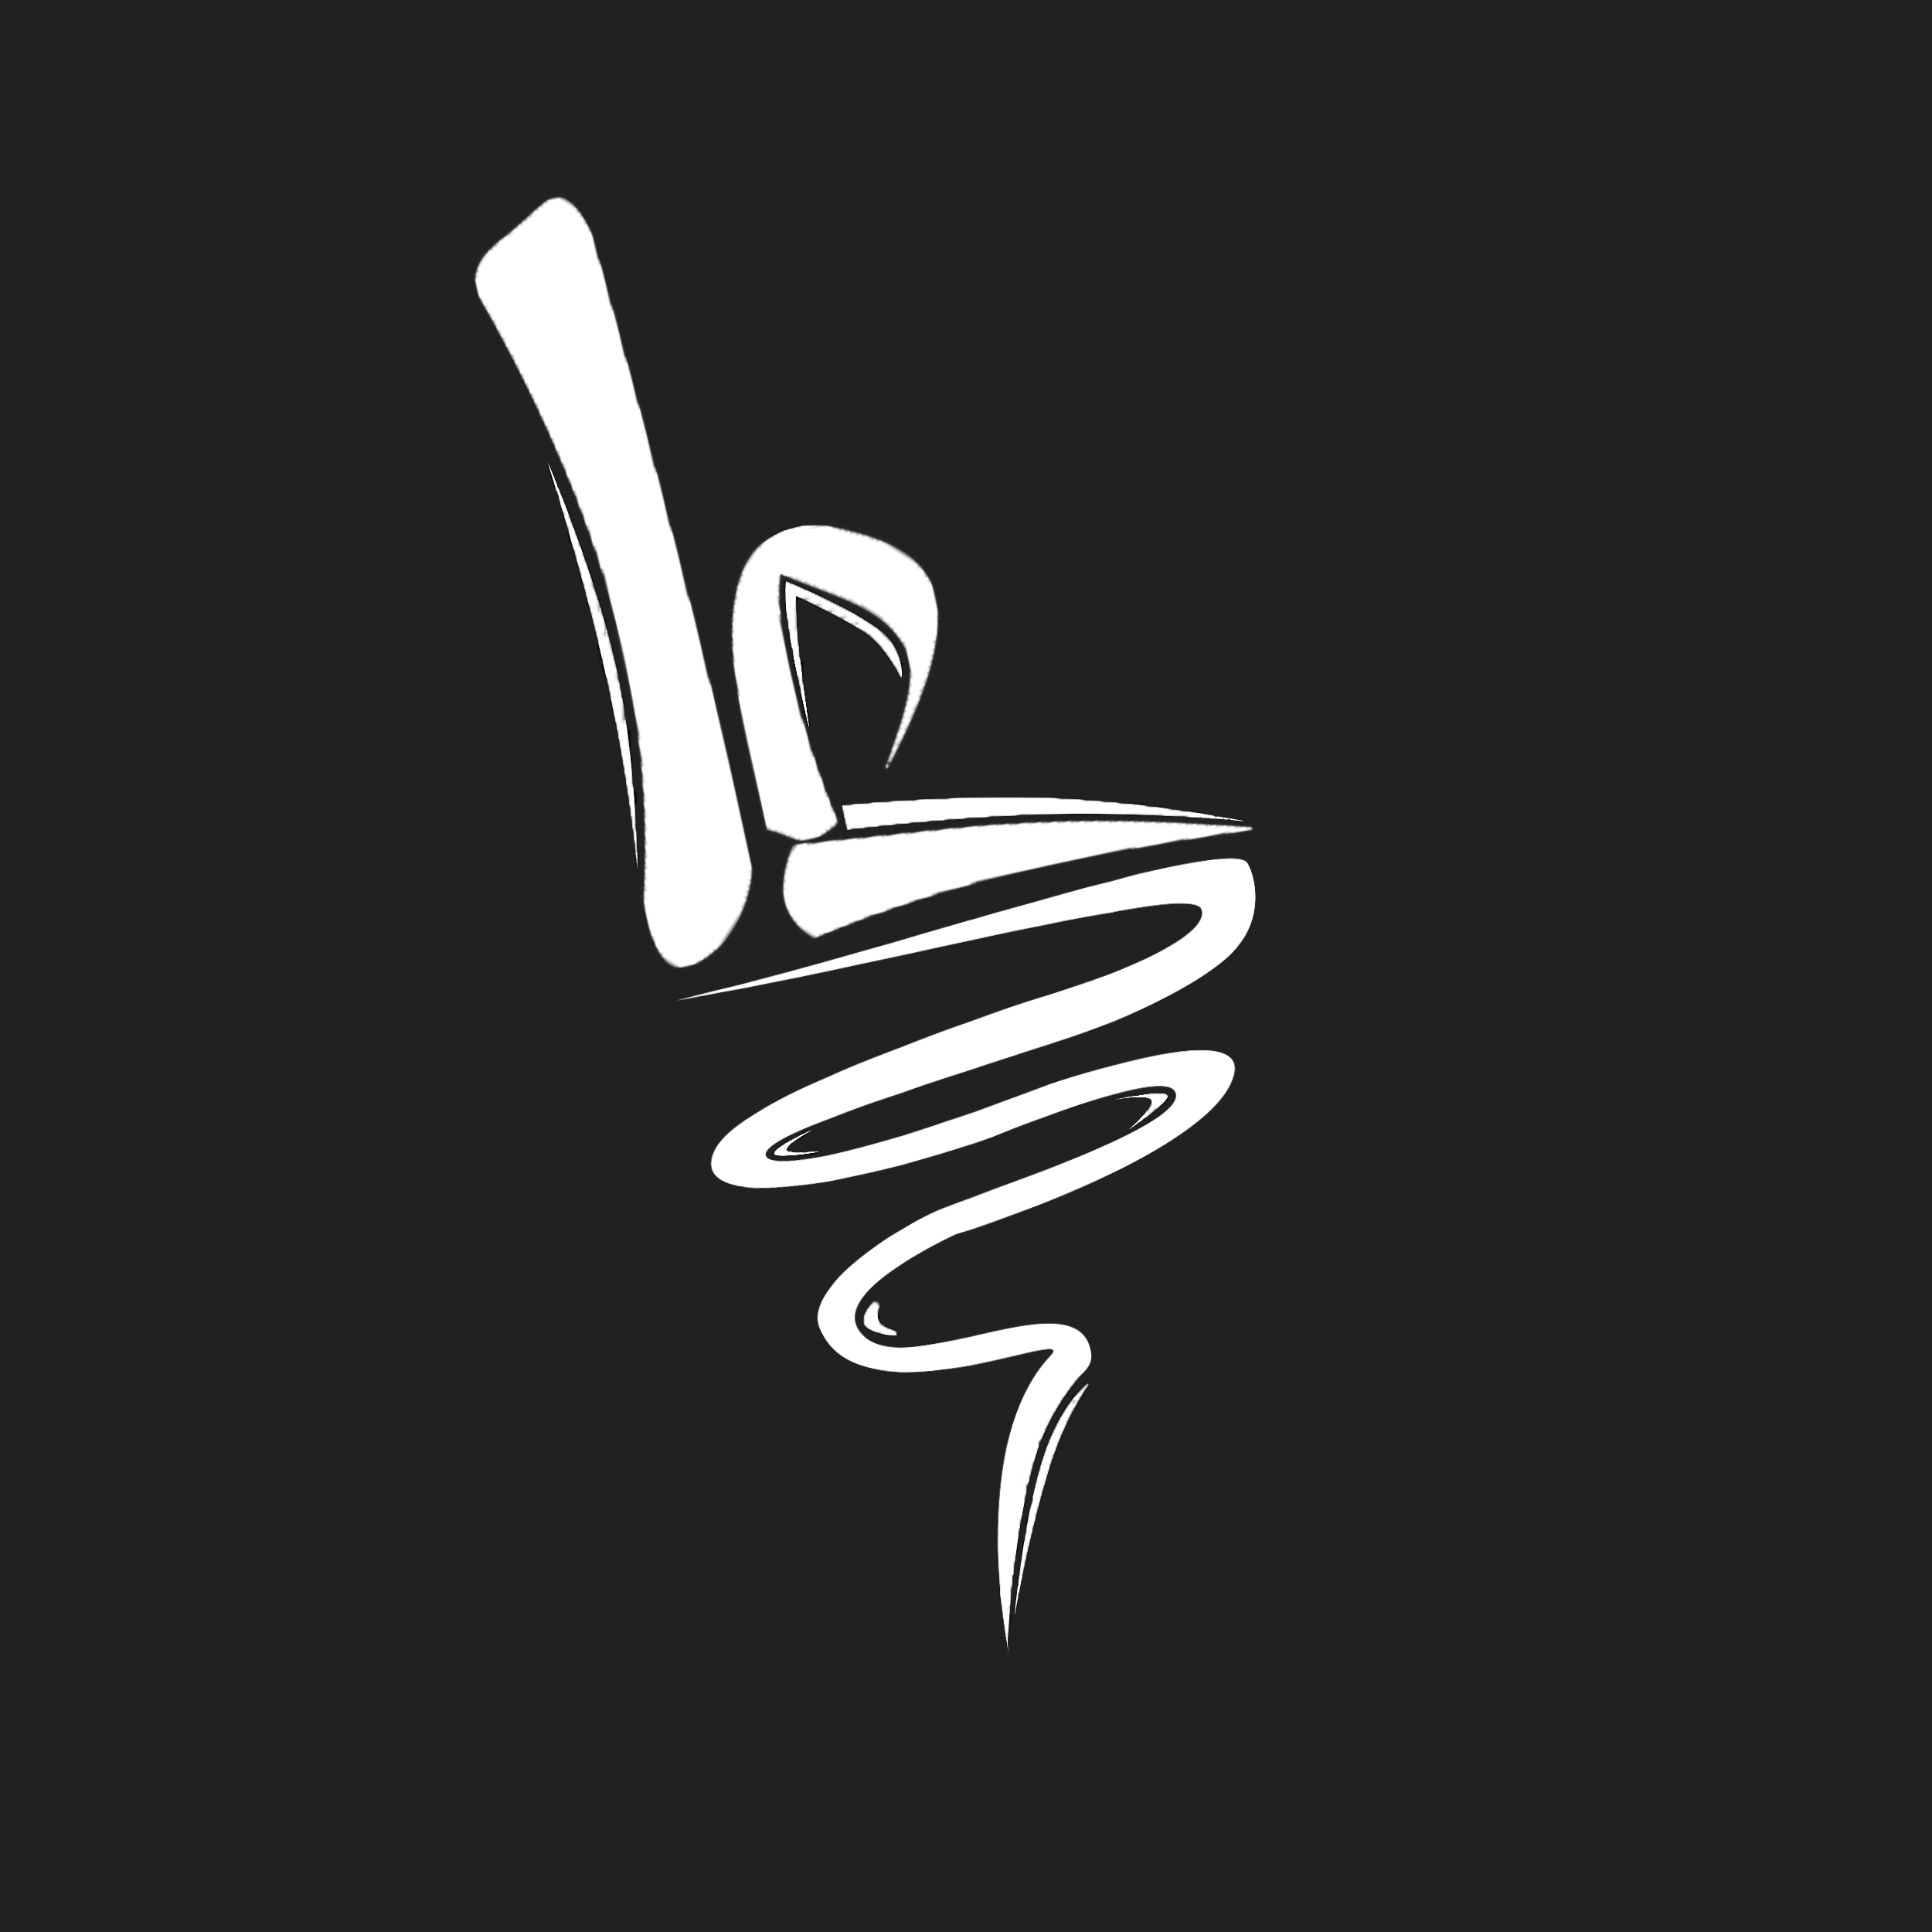 لوگو :: گالری منسلام (برای اطلاعات کامل با صفحه درباره من بروید) اسم من علیٍ طراح گرافیک و عکاس یه چند سالی میشه که عکاسی و کار های گرافیکی می کنم